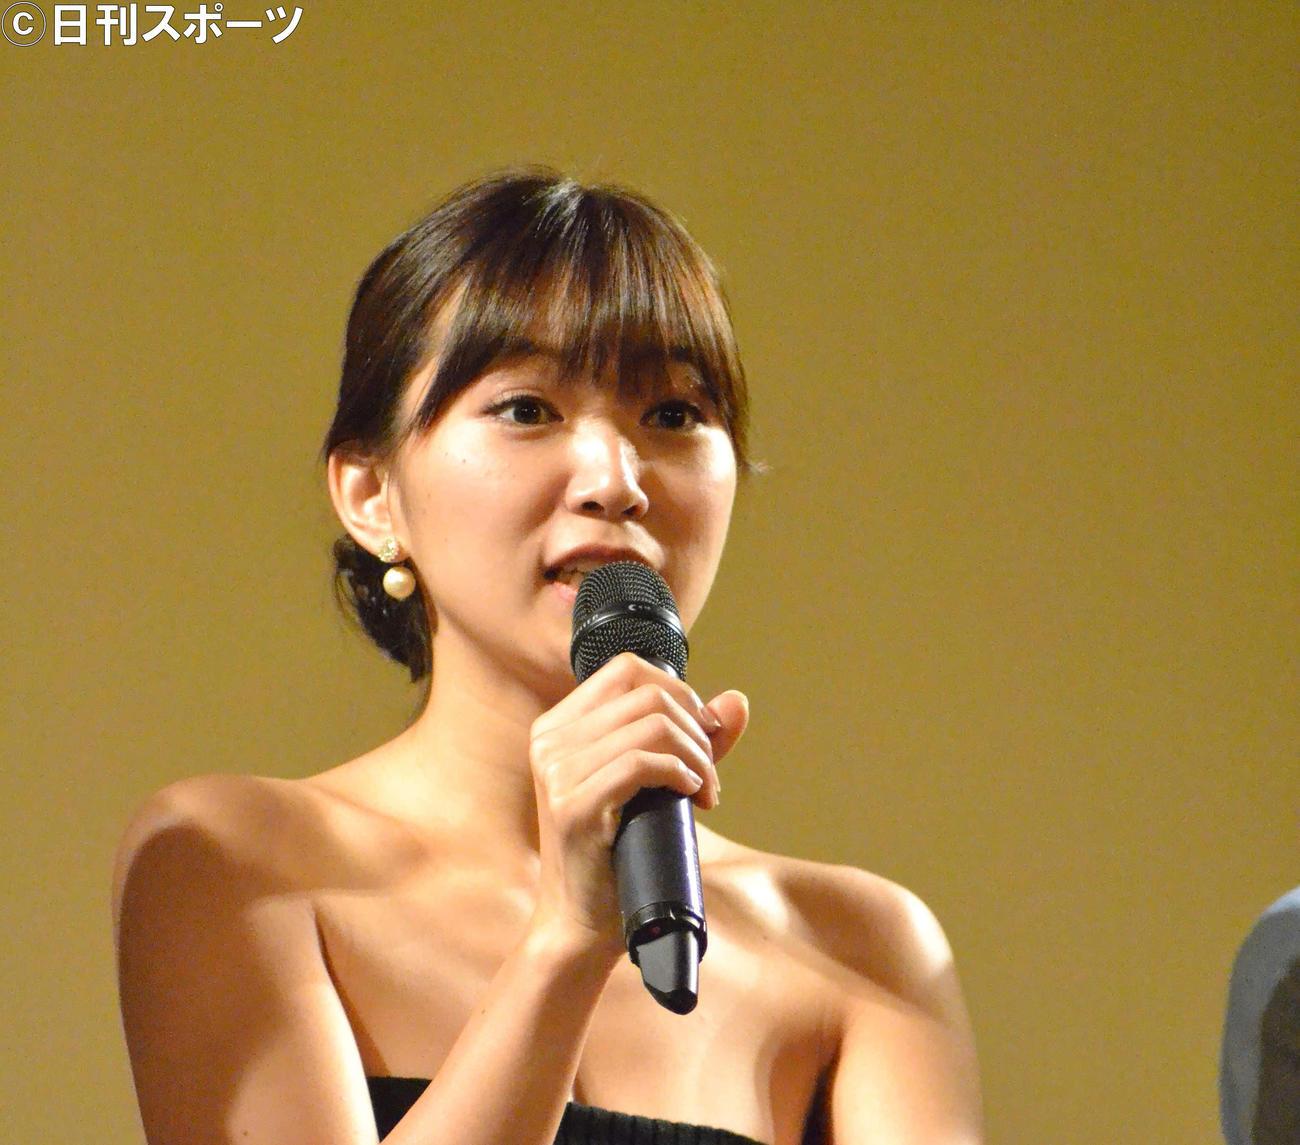 女優の階戸瑠李さん(17年8月27日撮影)